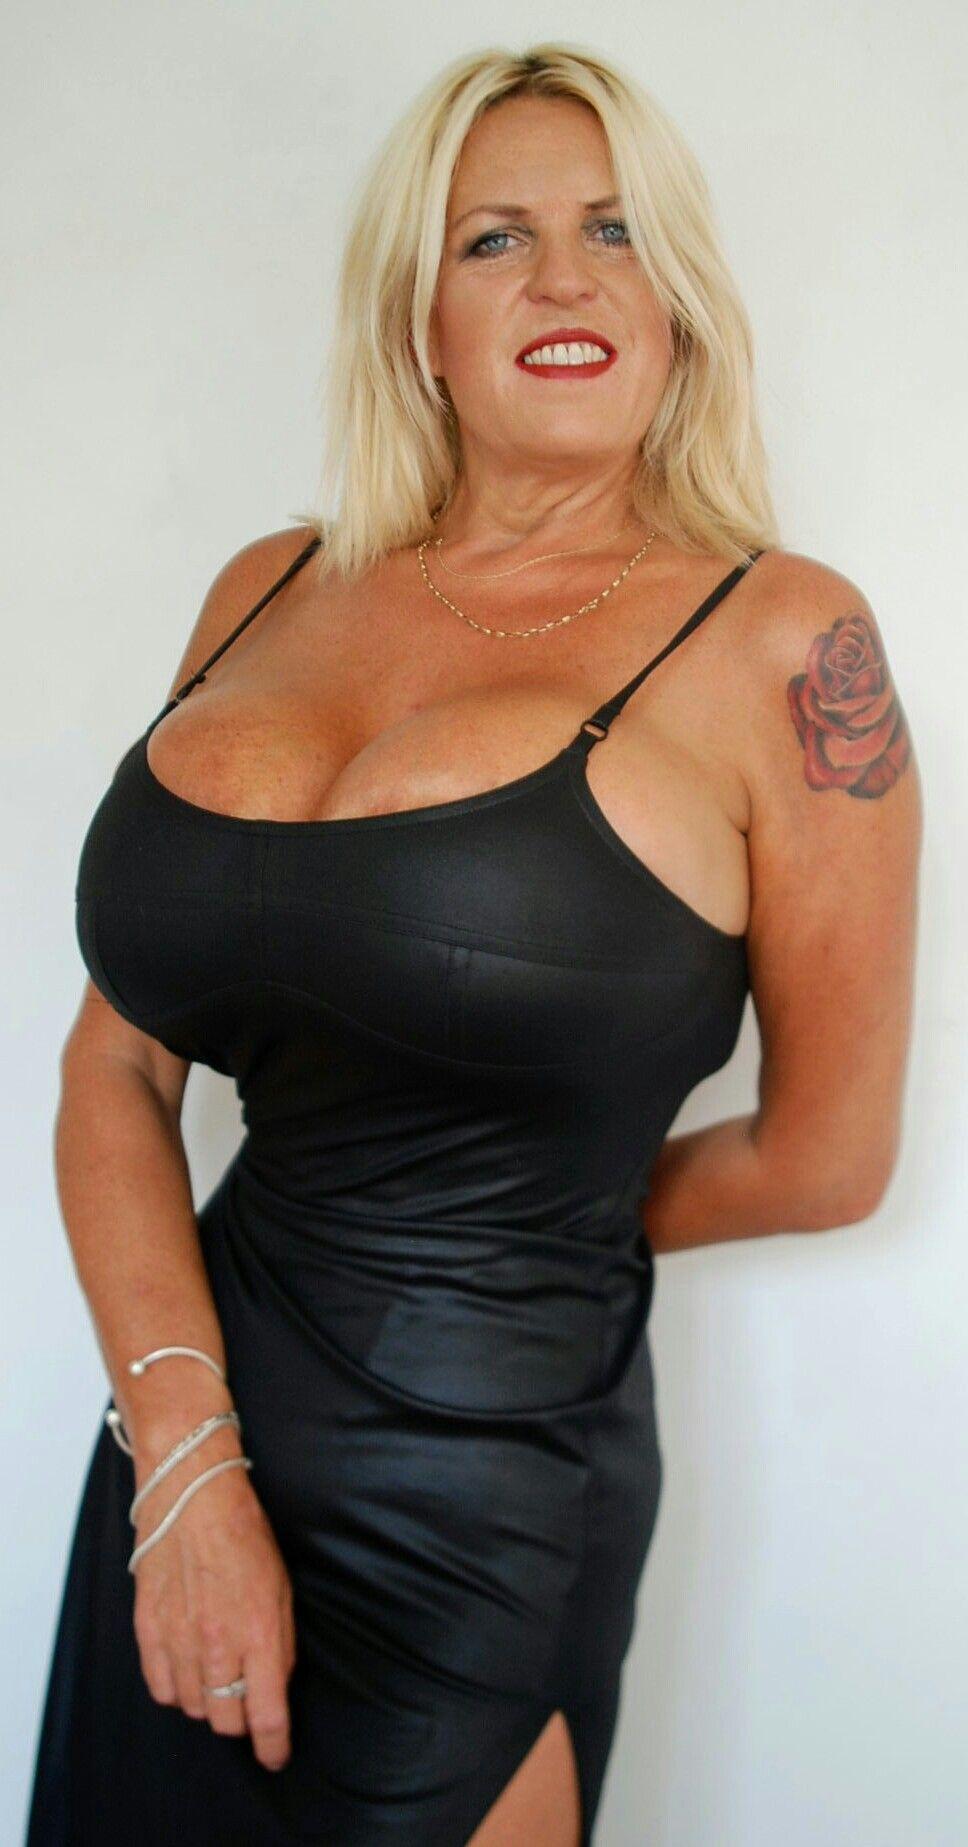 hot naked bitch fucking herself